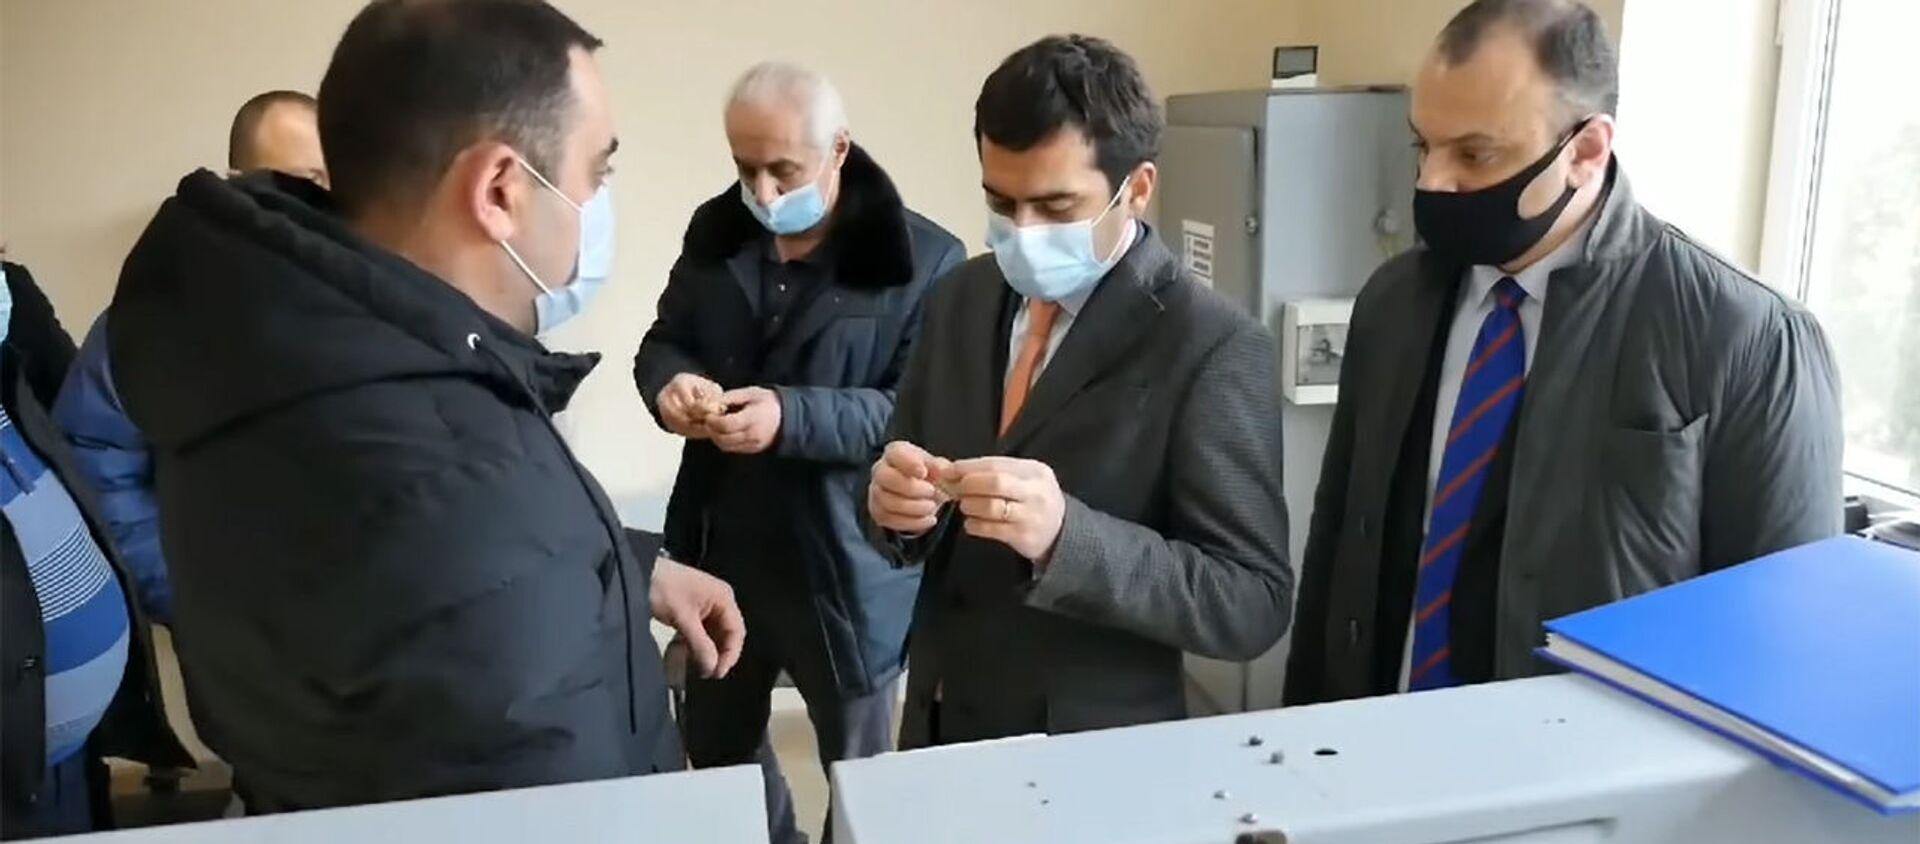 Министр высокотехнологической промышленности Акоп Аршакян посетил Эчмиадзинский приборостроительный завод (17 января 2021). Эчмиадзин - Sputnik Армения, 1920, 26.02.2021